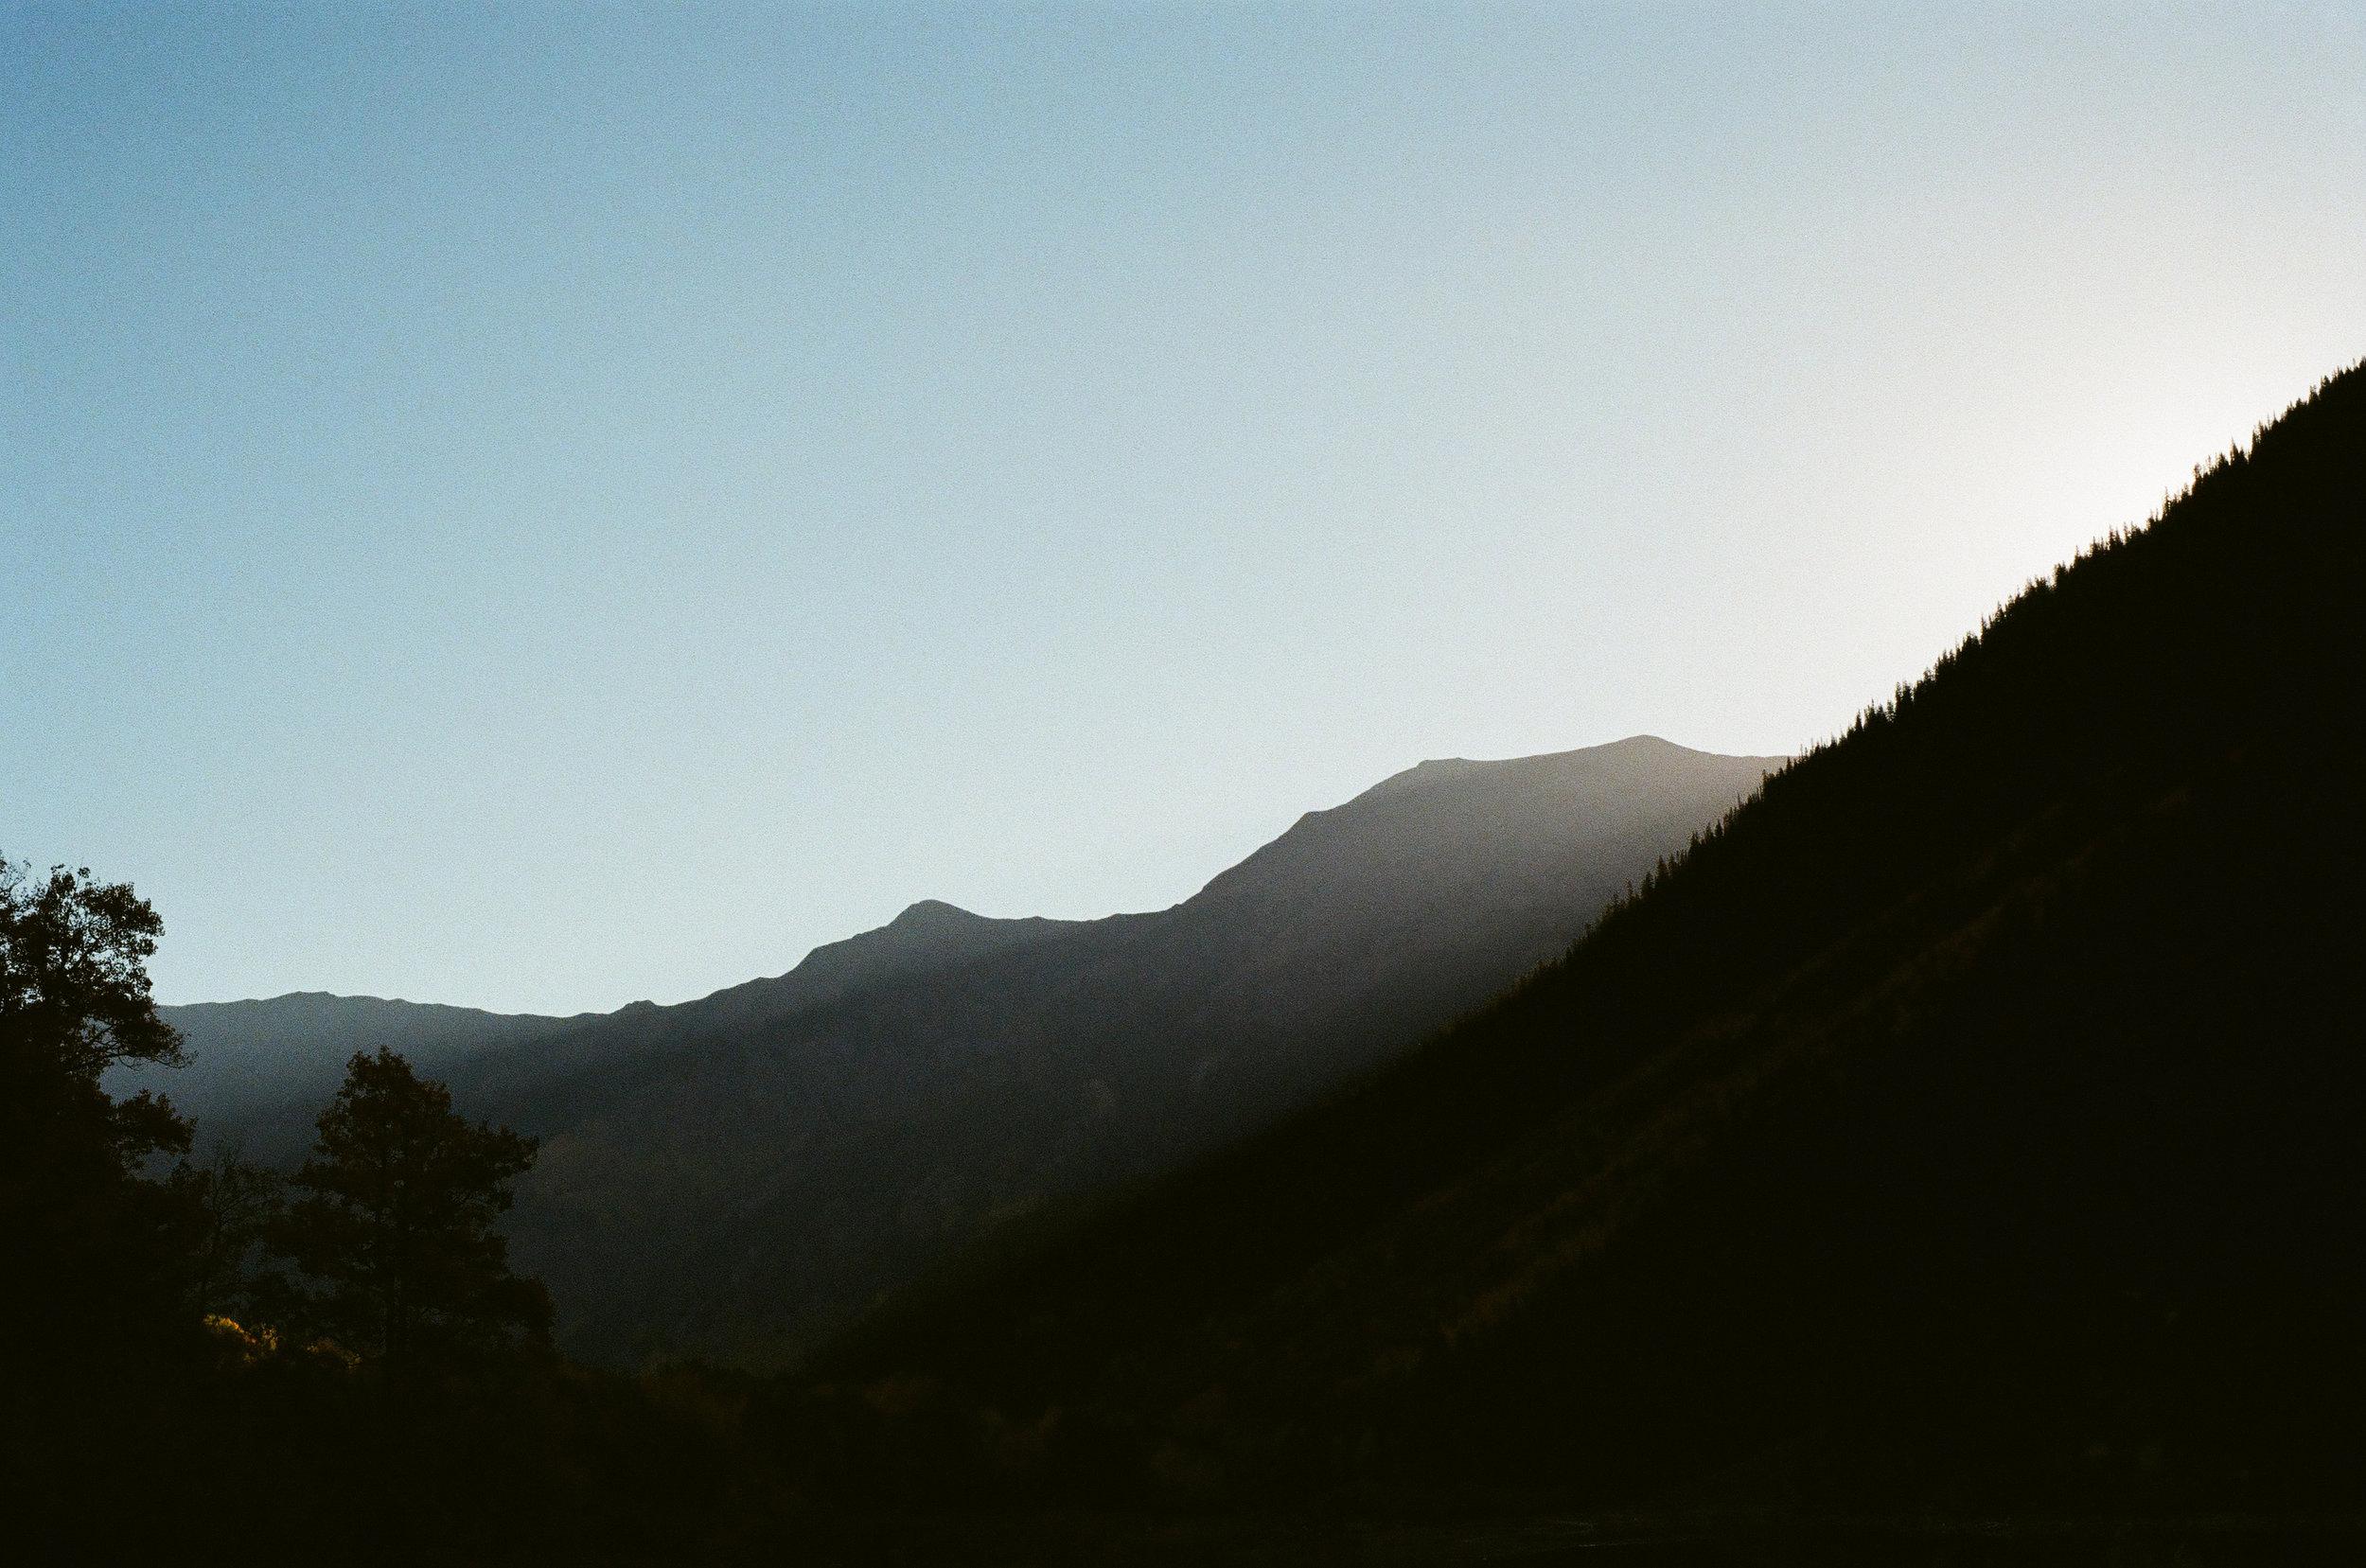 20181010_DAR_35mm_MaroonBells_2.jpg